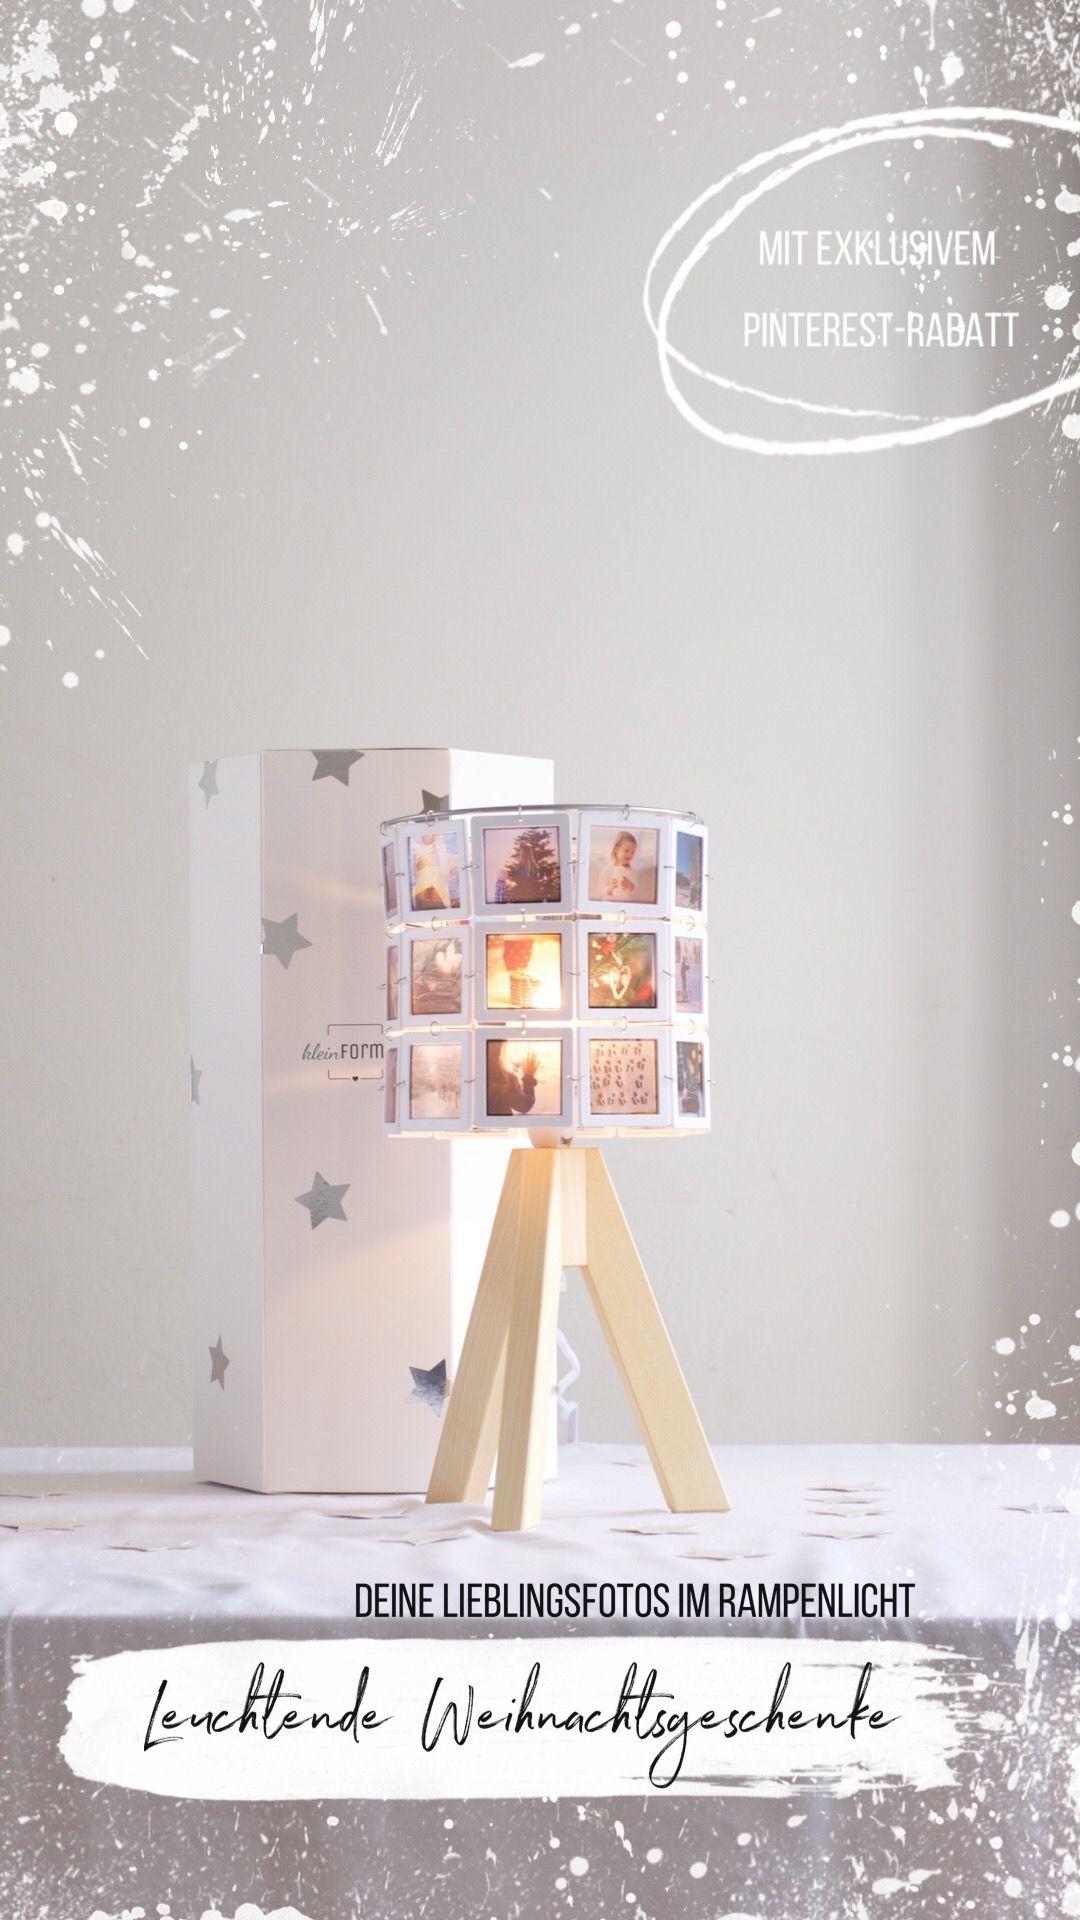 Kleinformat Fertigt Mit Von Hand Und Viel Liebe Exklusive Lampen Das Besondere Der Lampenschirm Wird Gefullt M Fotolampe Einzigartige Geschenke Geschenkideen